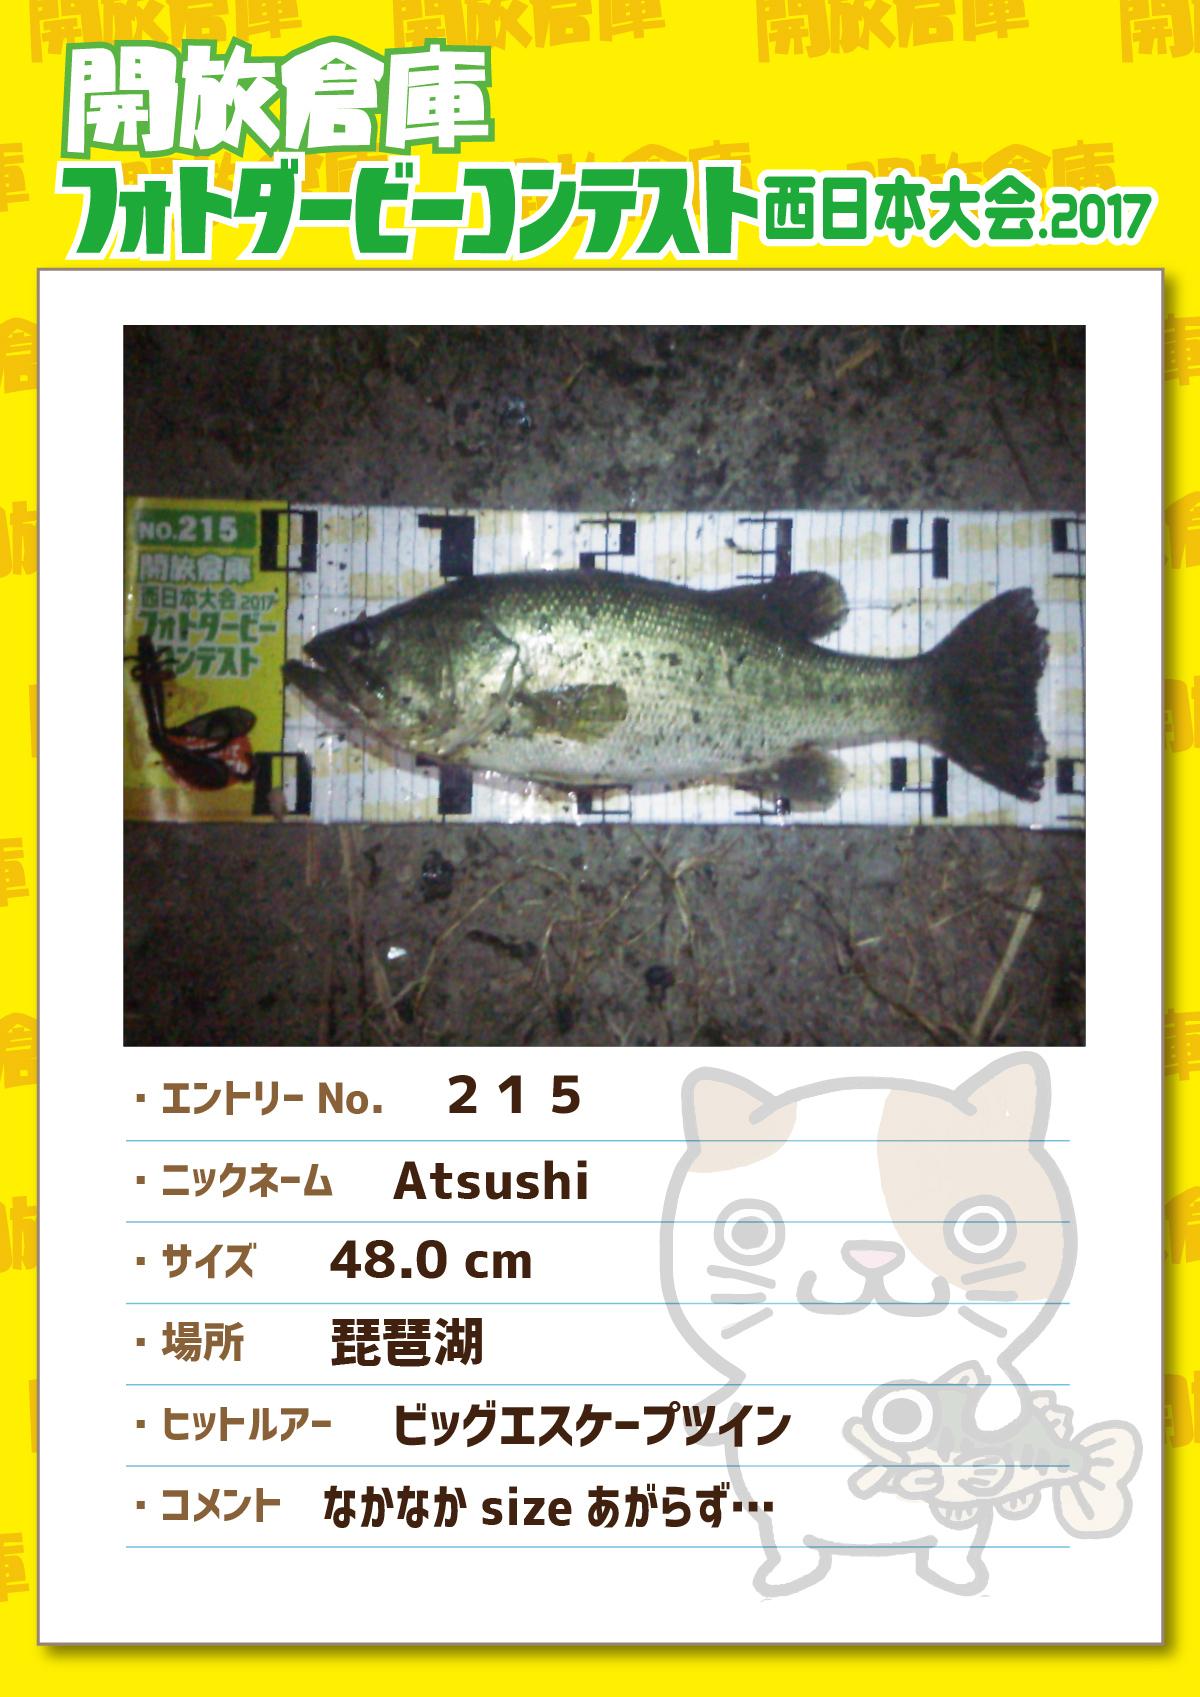 No.215 Atsushi 48.0cm 琵琶湖 ビッグエスケープツイン なかなかsizeあがらず…